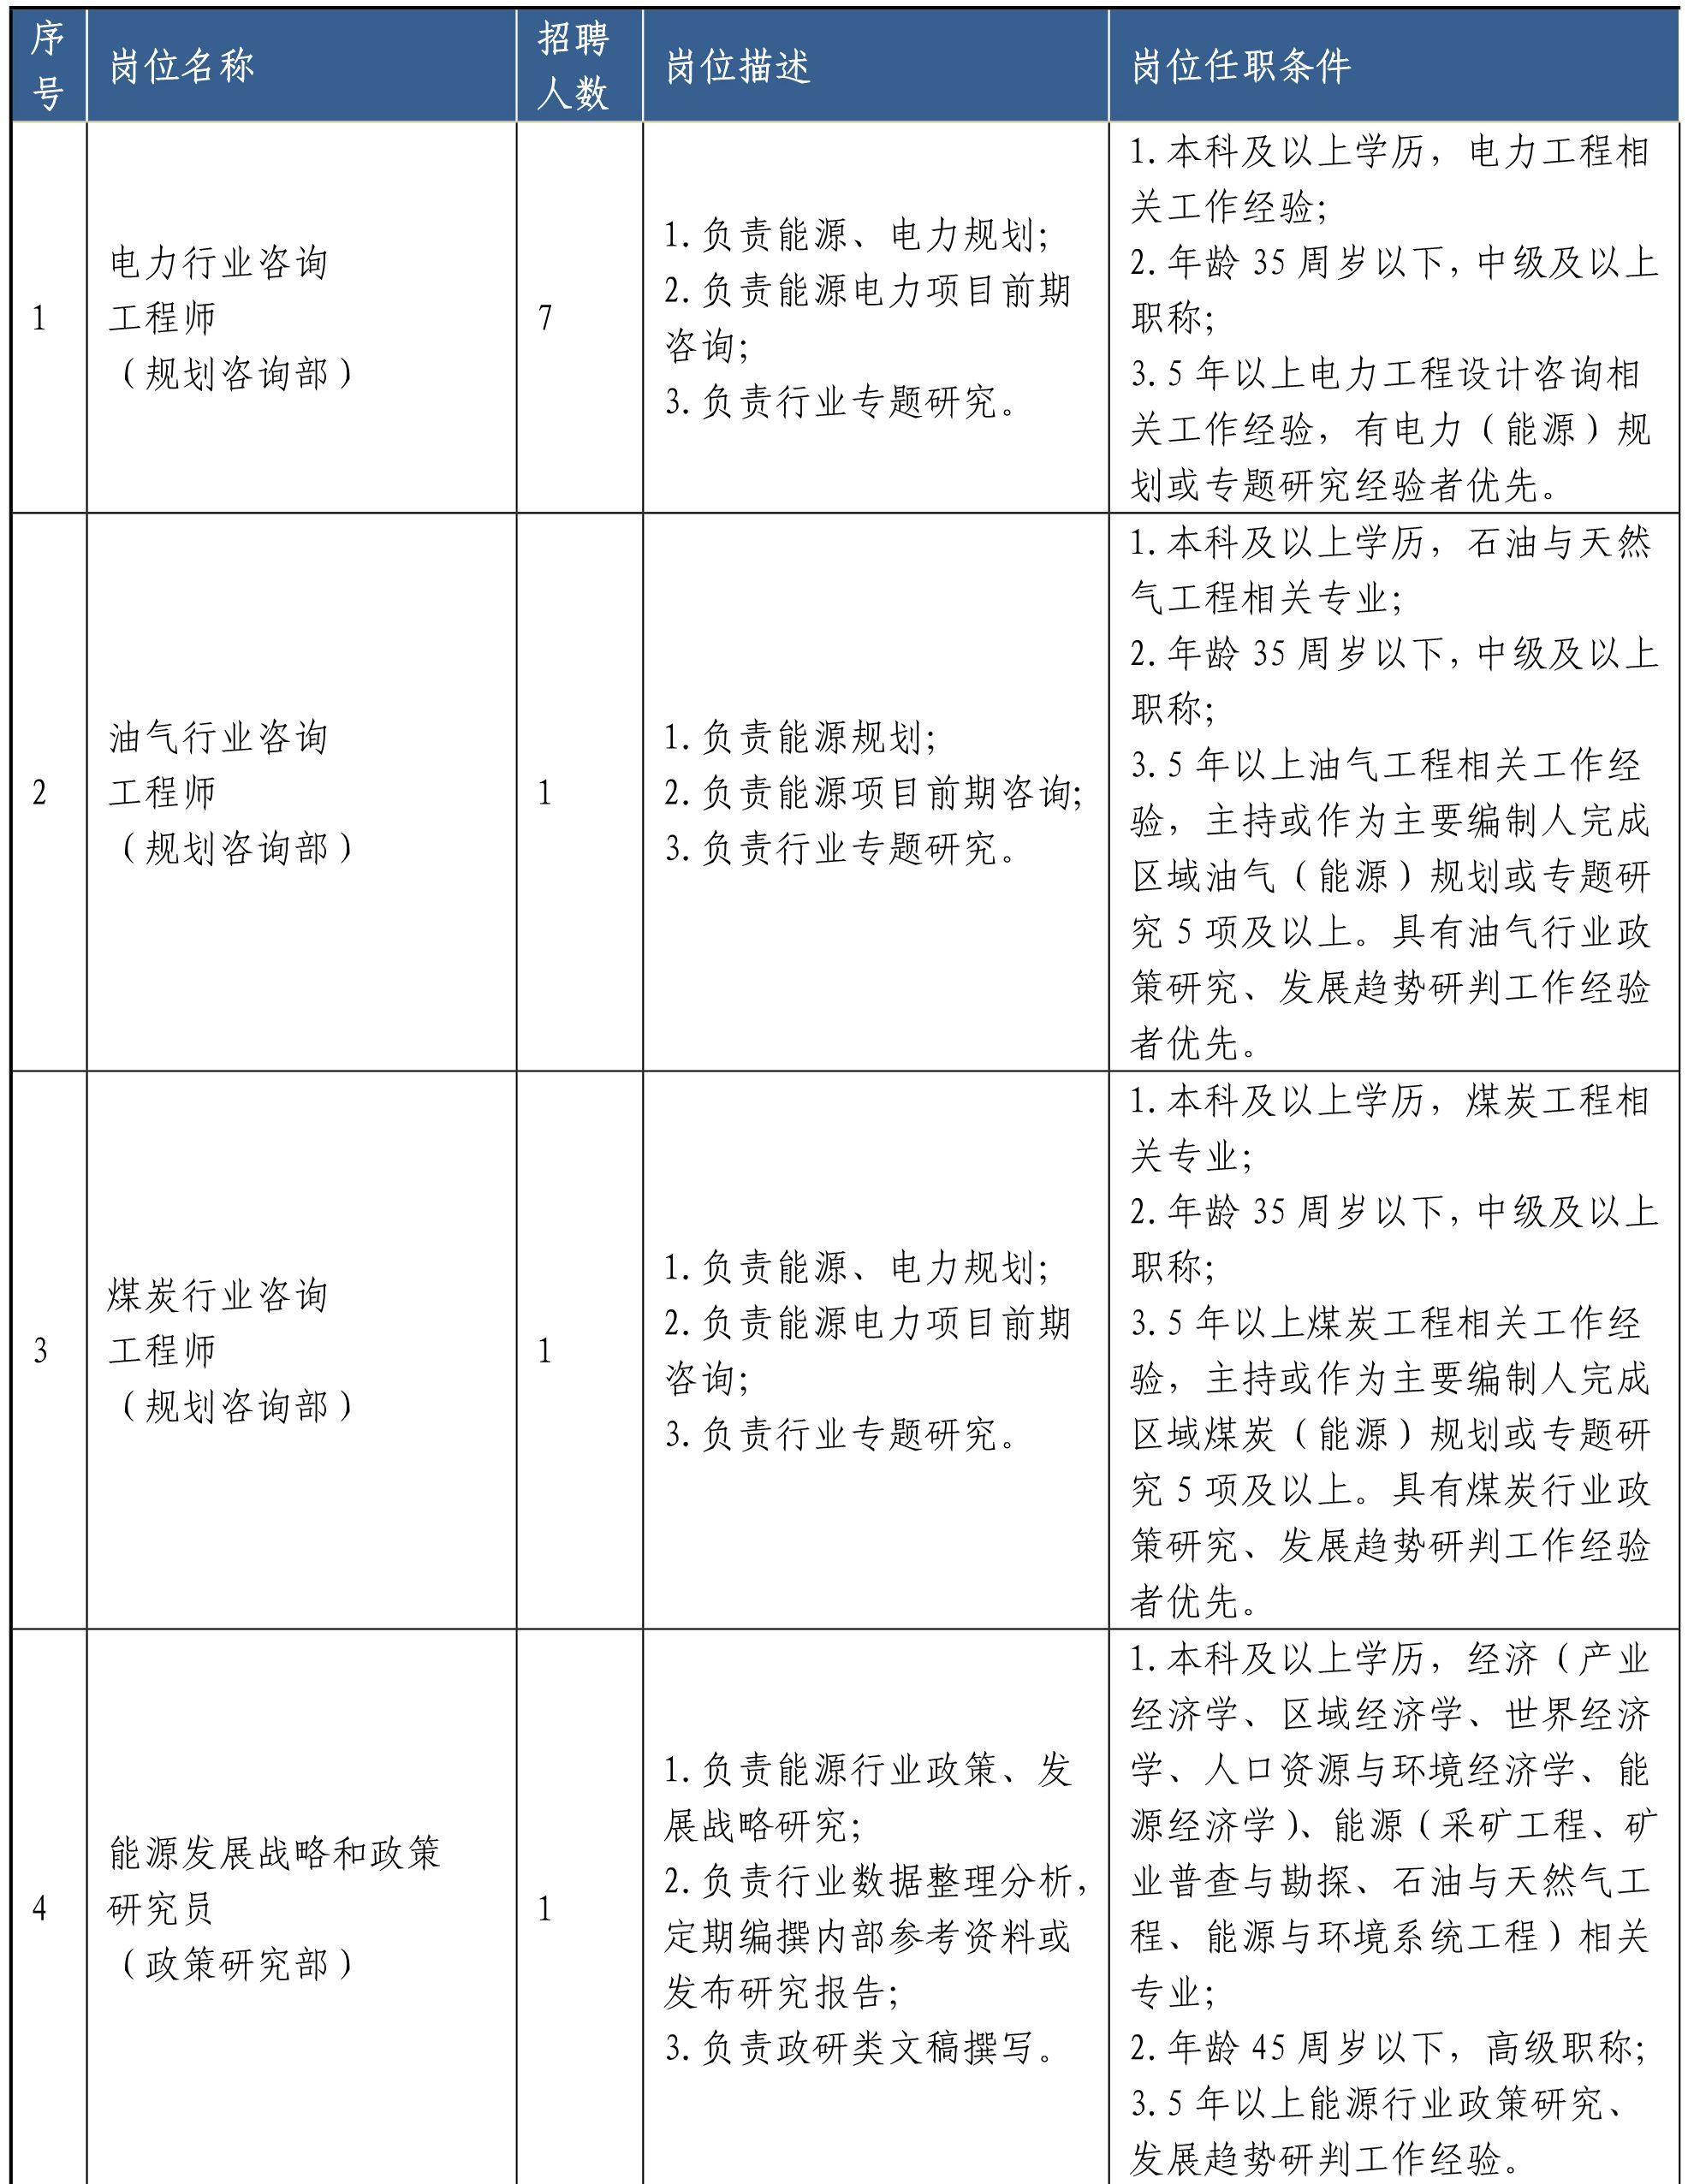 山东省能源规划发展研究中心招聘12人公告